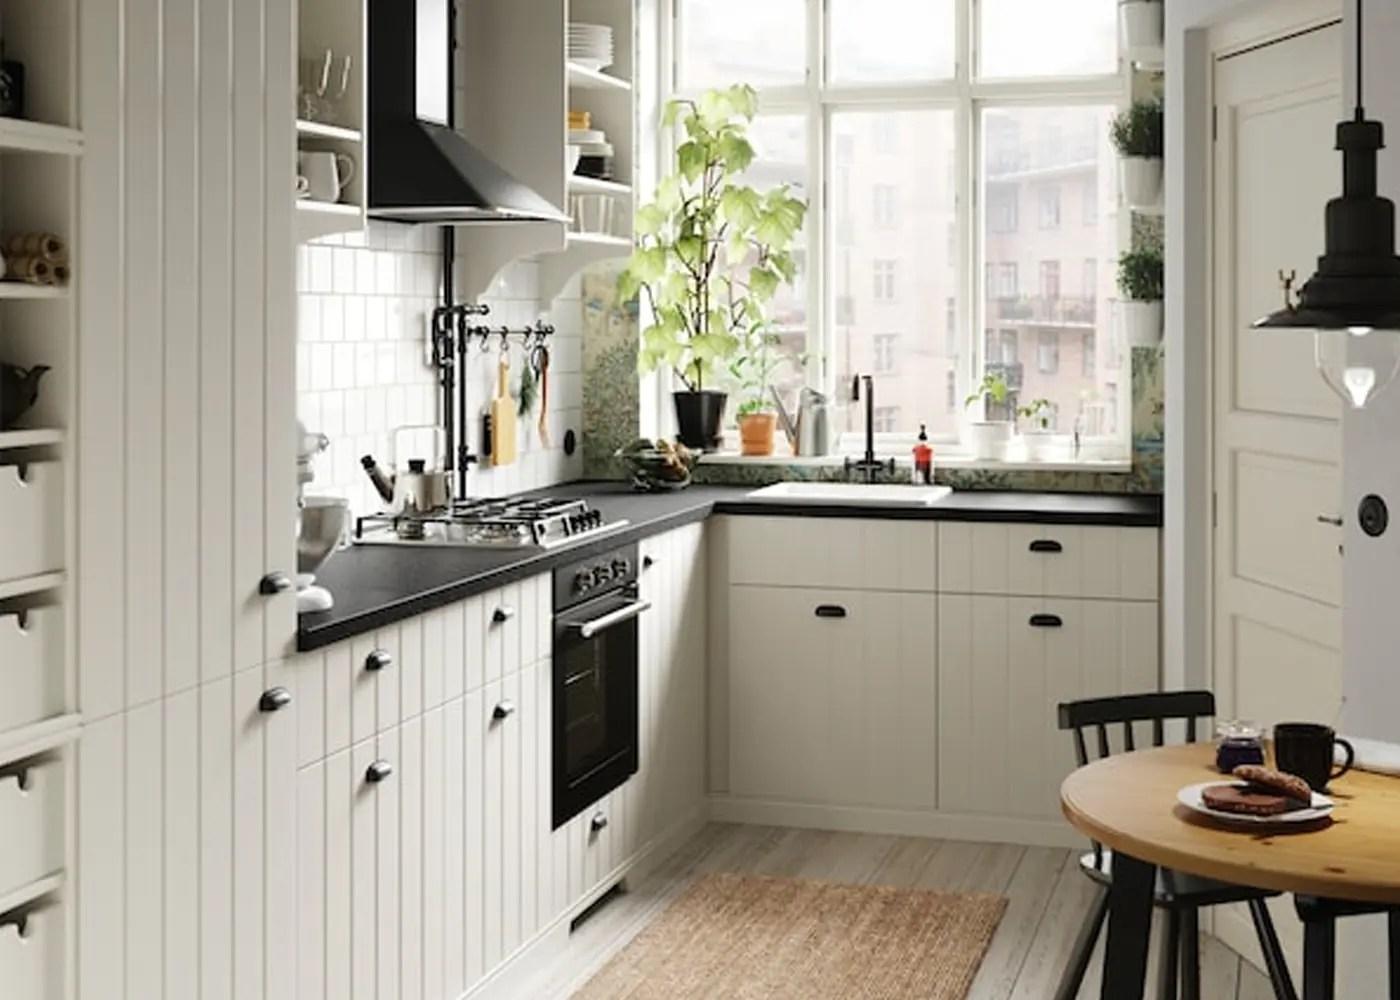 Ikea Küche Liefertermin ändern  Kuche Ikea Lieferzeit 17 17